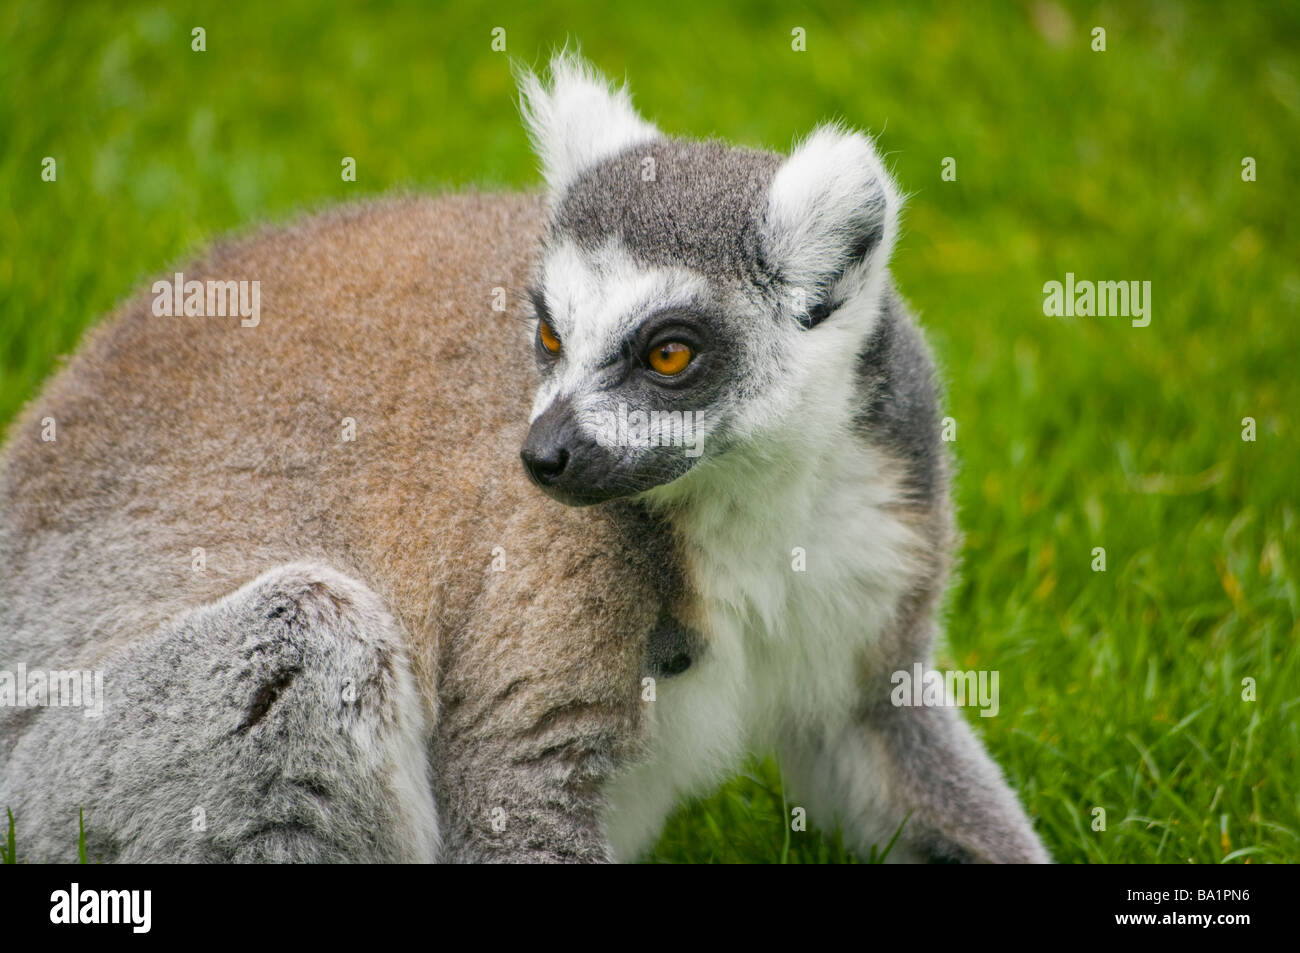 madagascan Ring Tailed Lemur ' Lemur Catta ' lemurs - Stock Image